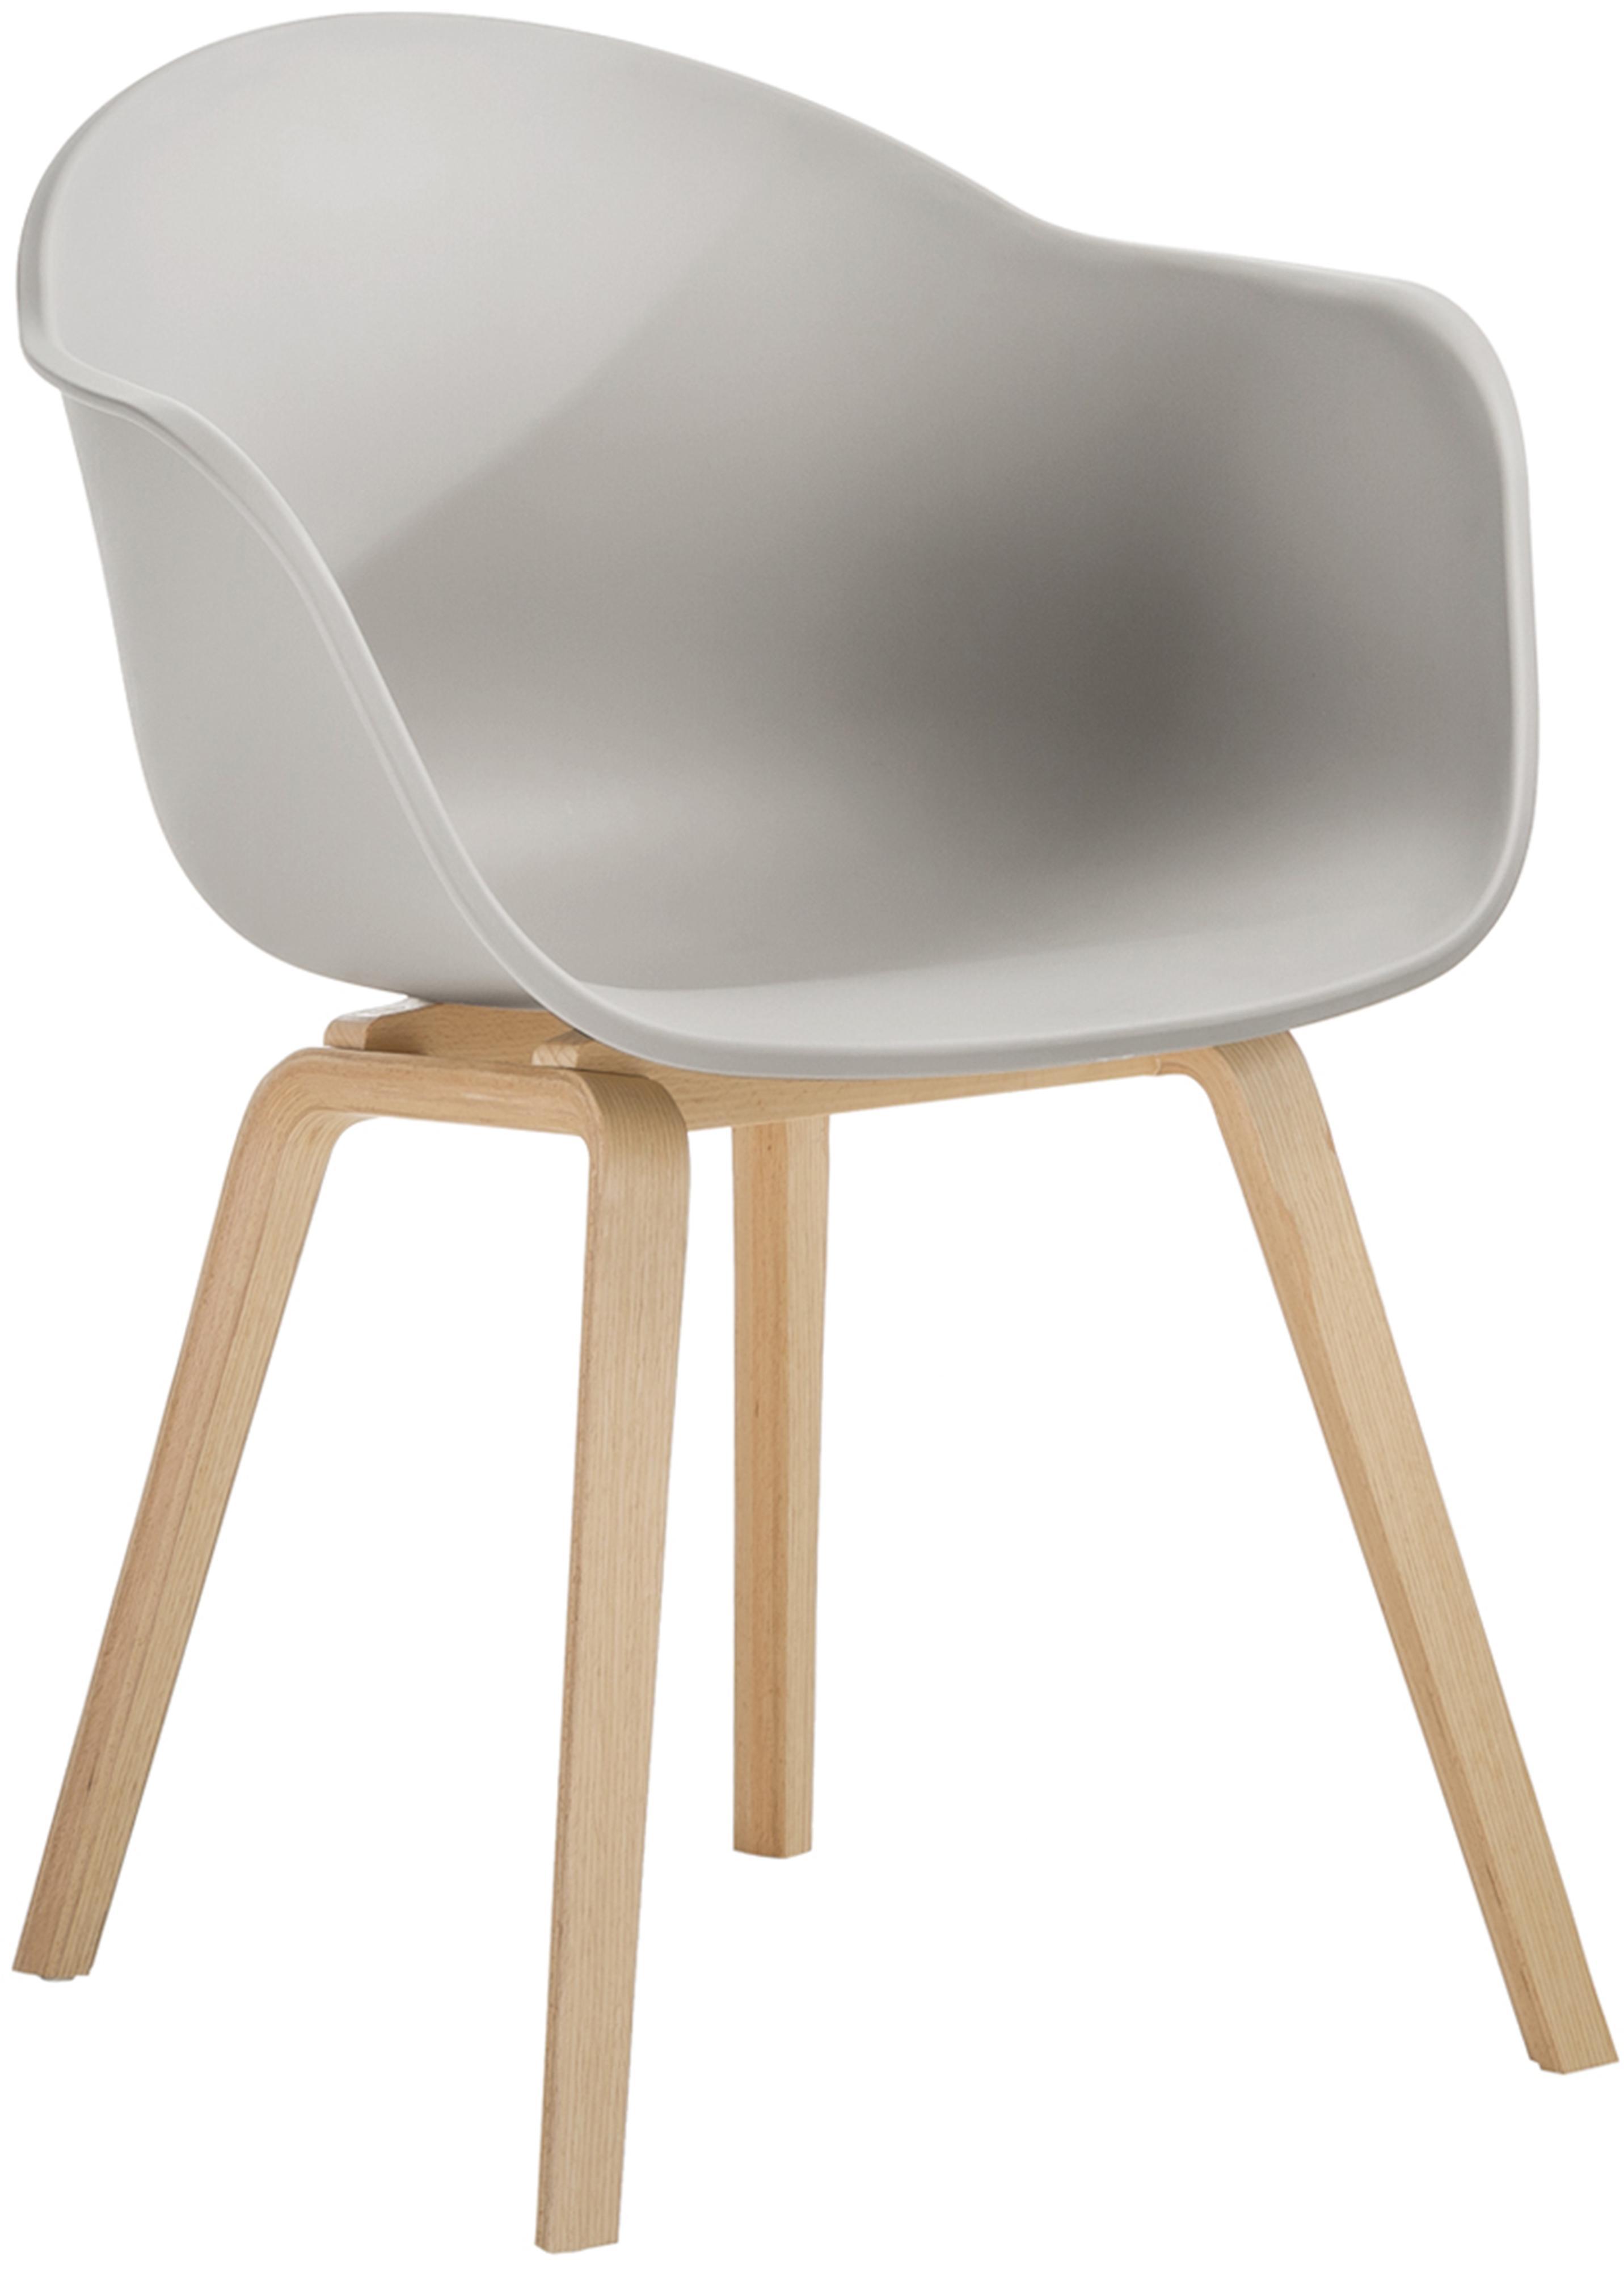 Silla con reposabrazos de plástico Claire, Asiento: plástico, Patas: madera de haya, Plástico beige-gris, An 54 x F 60 cm